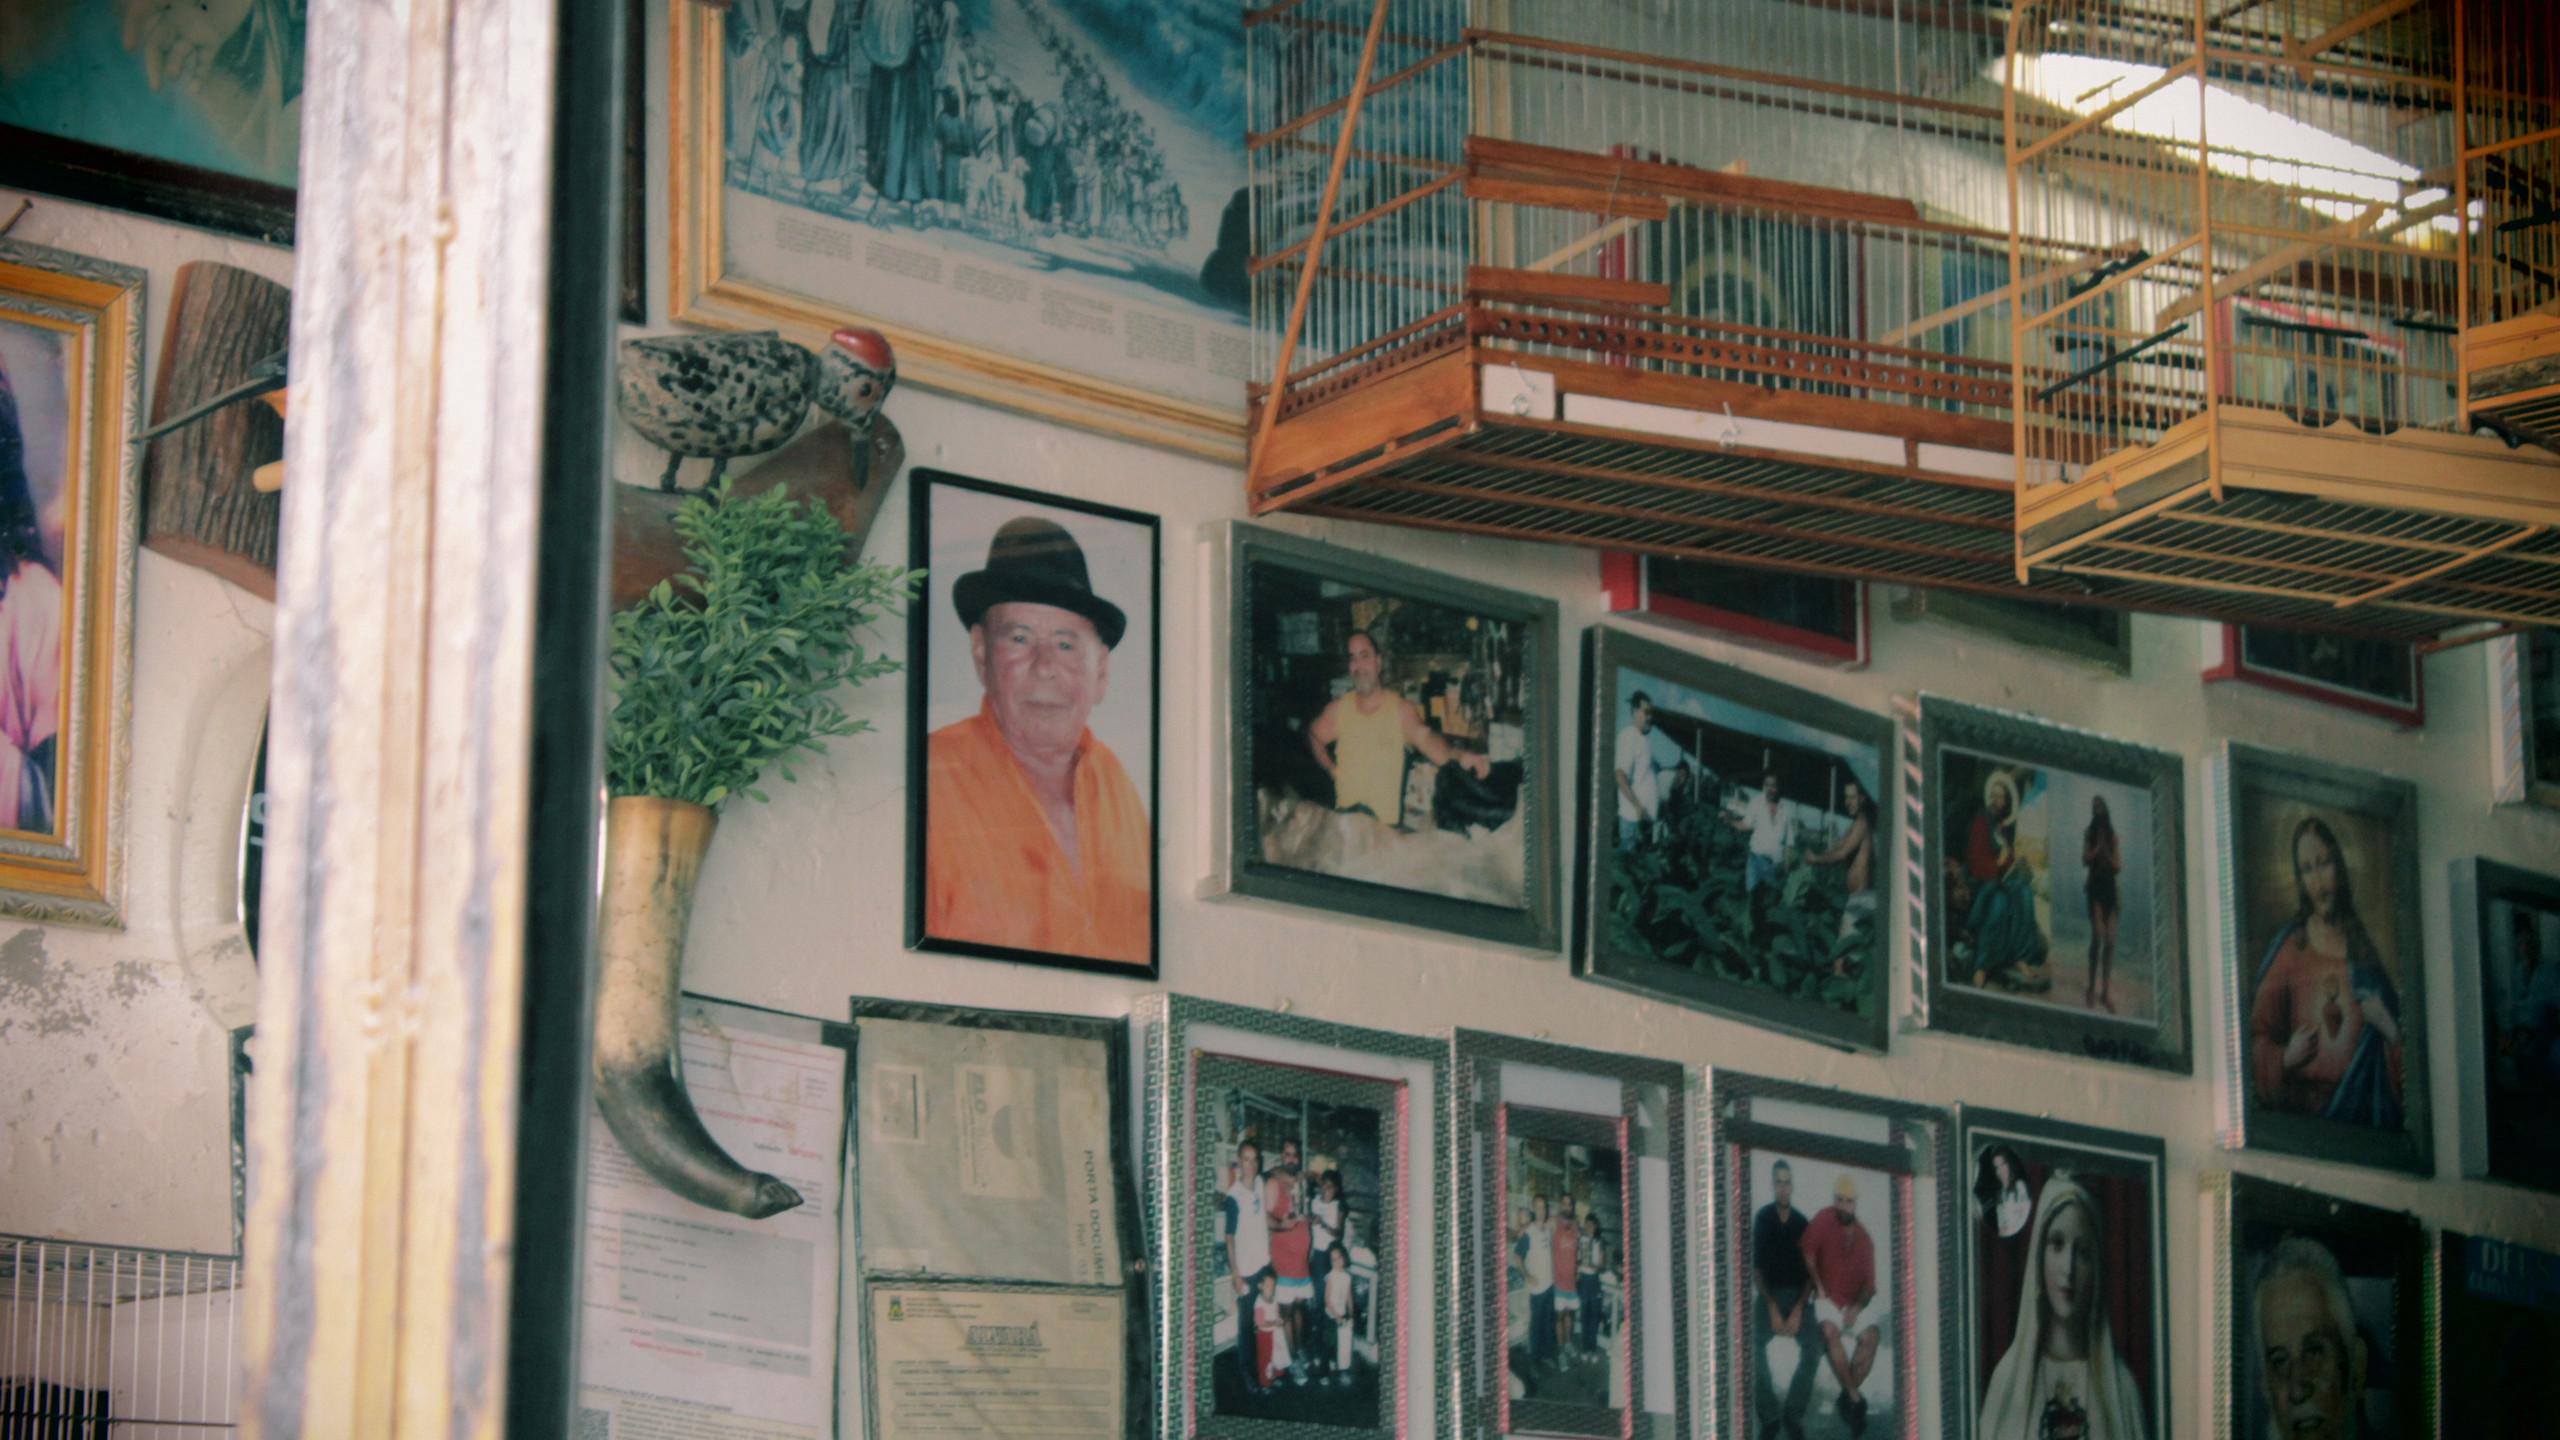 Mural de fotos em estabelecimento que mostra o comércio sendo passado de geração em geração